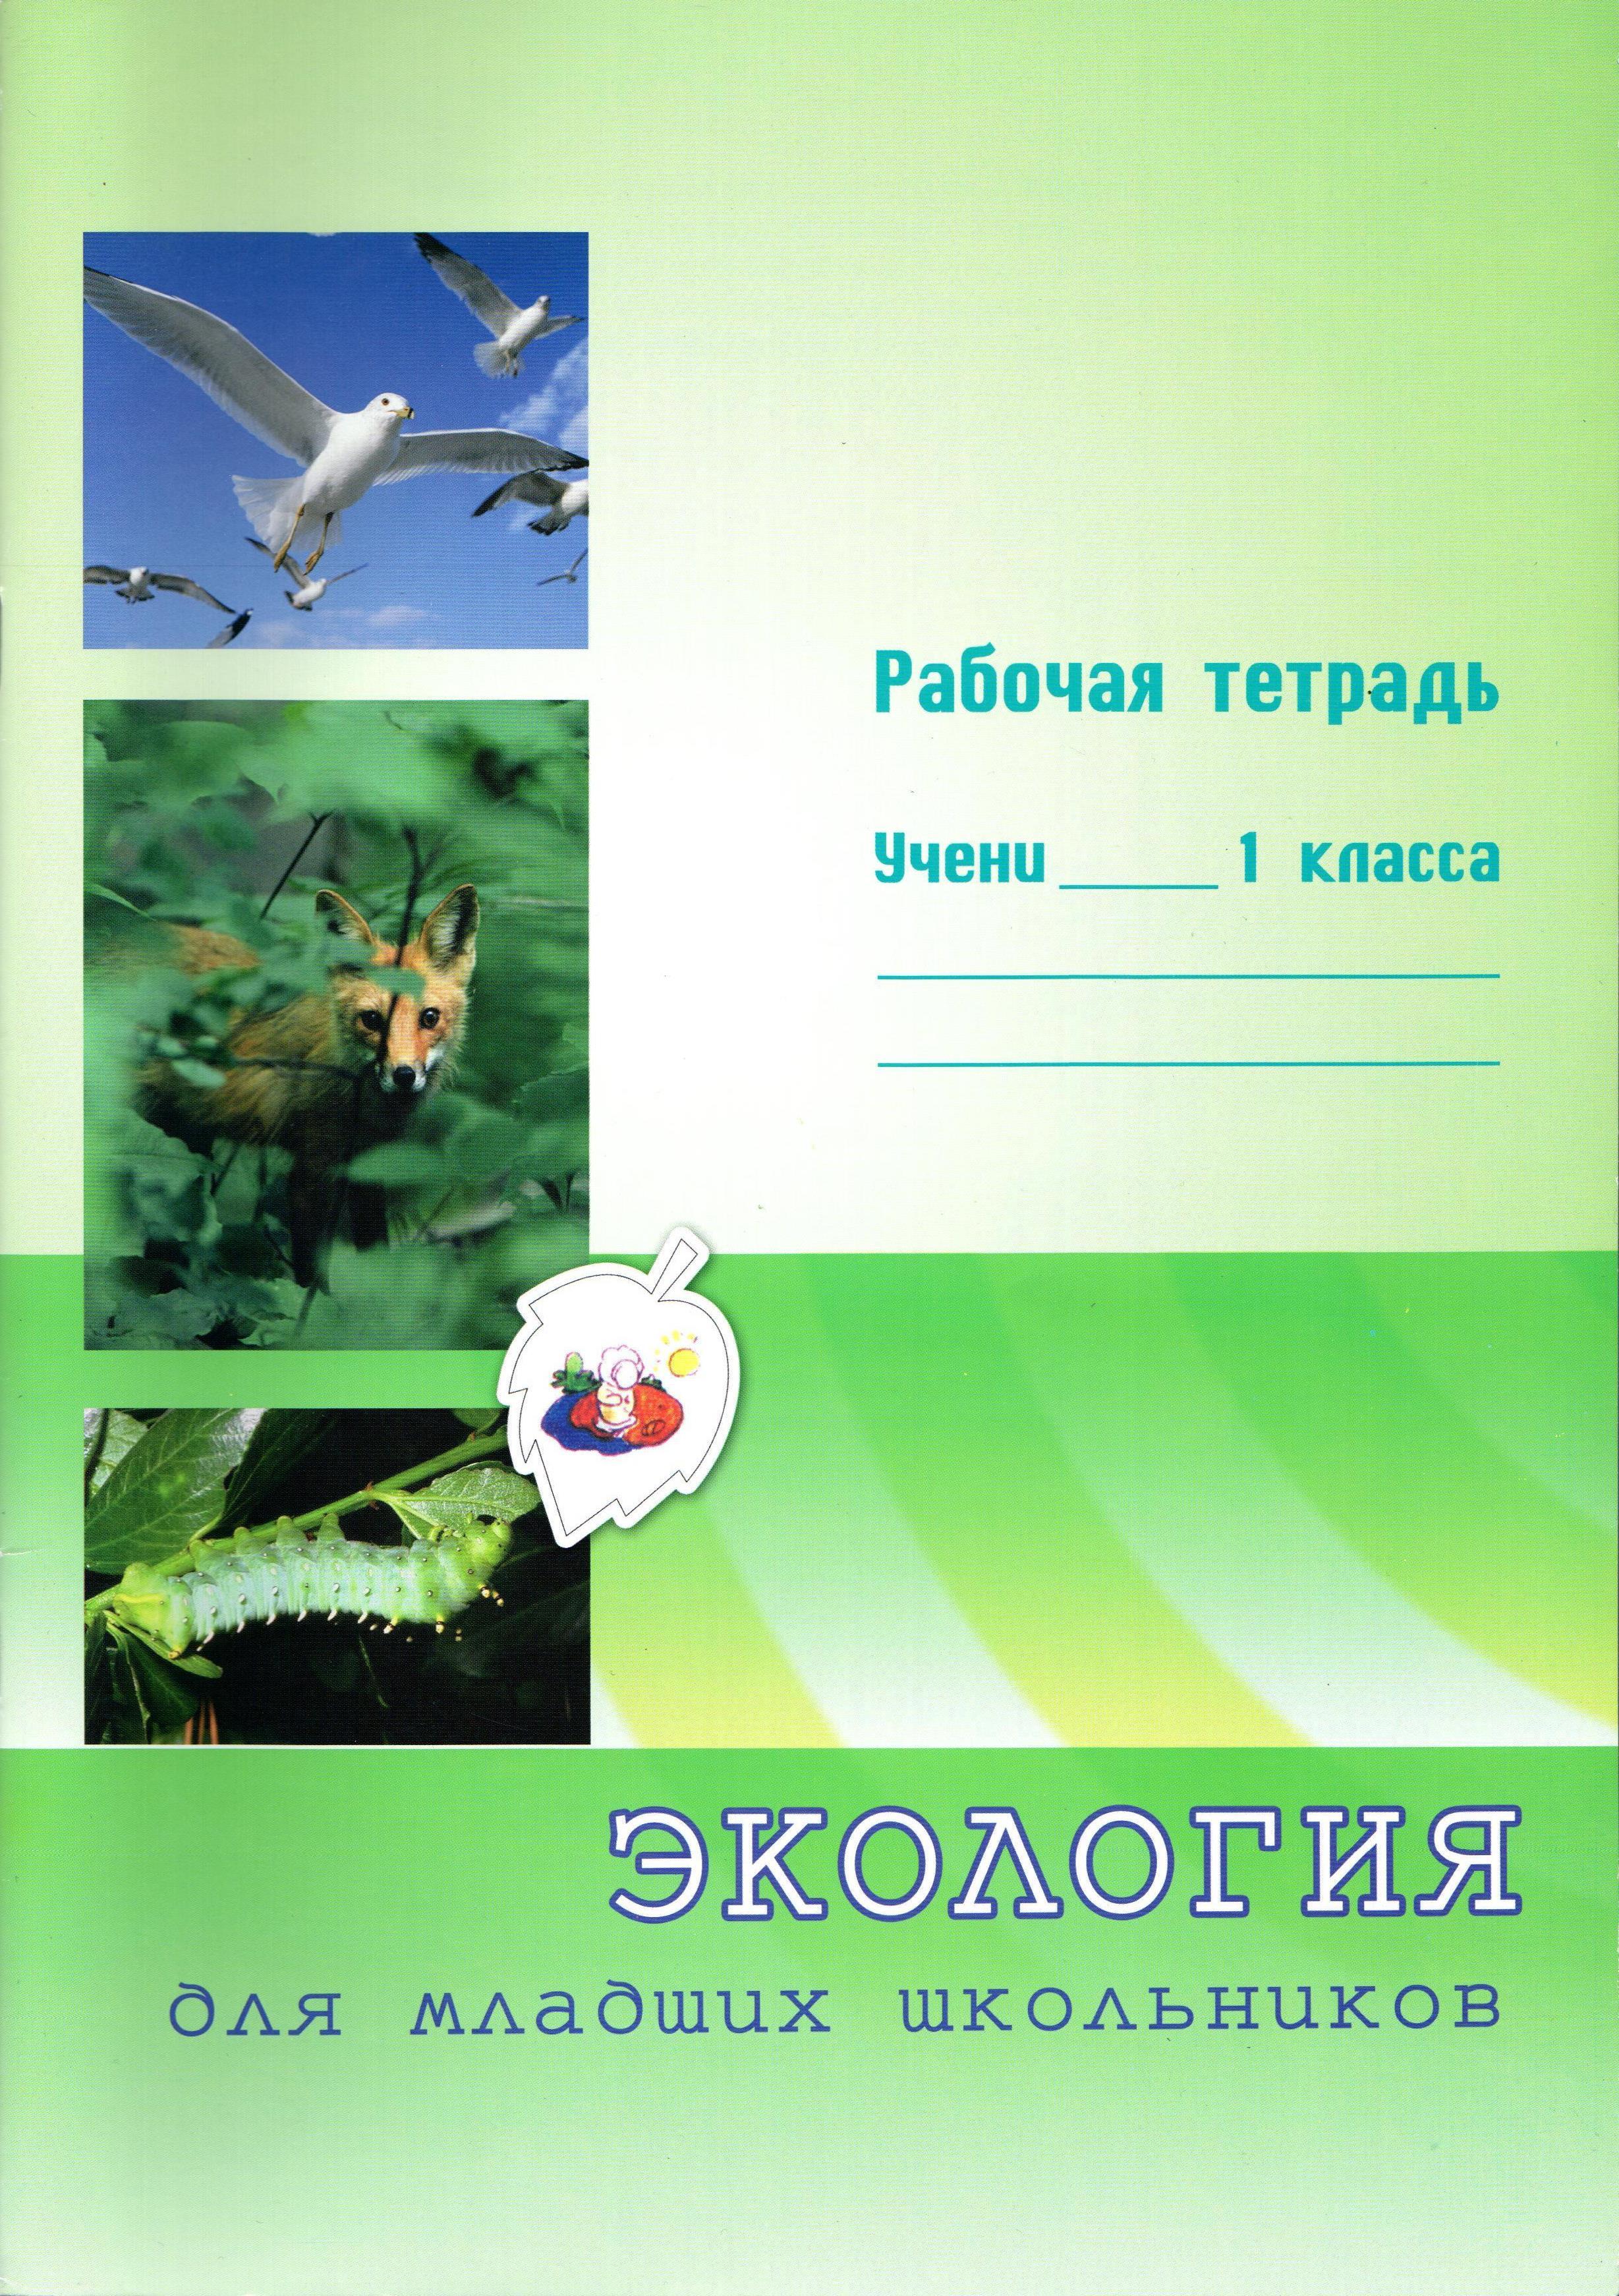 Введение в экологию. наша прекрасная планета. 1 класс. методические рекомендации к учебному пособию е. с. воробьевой